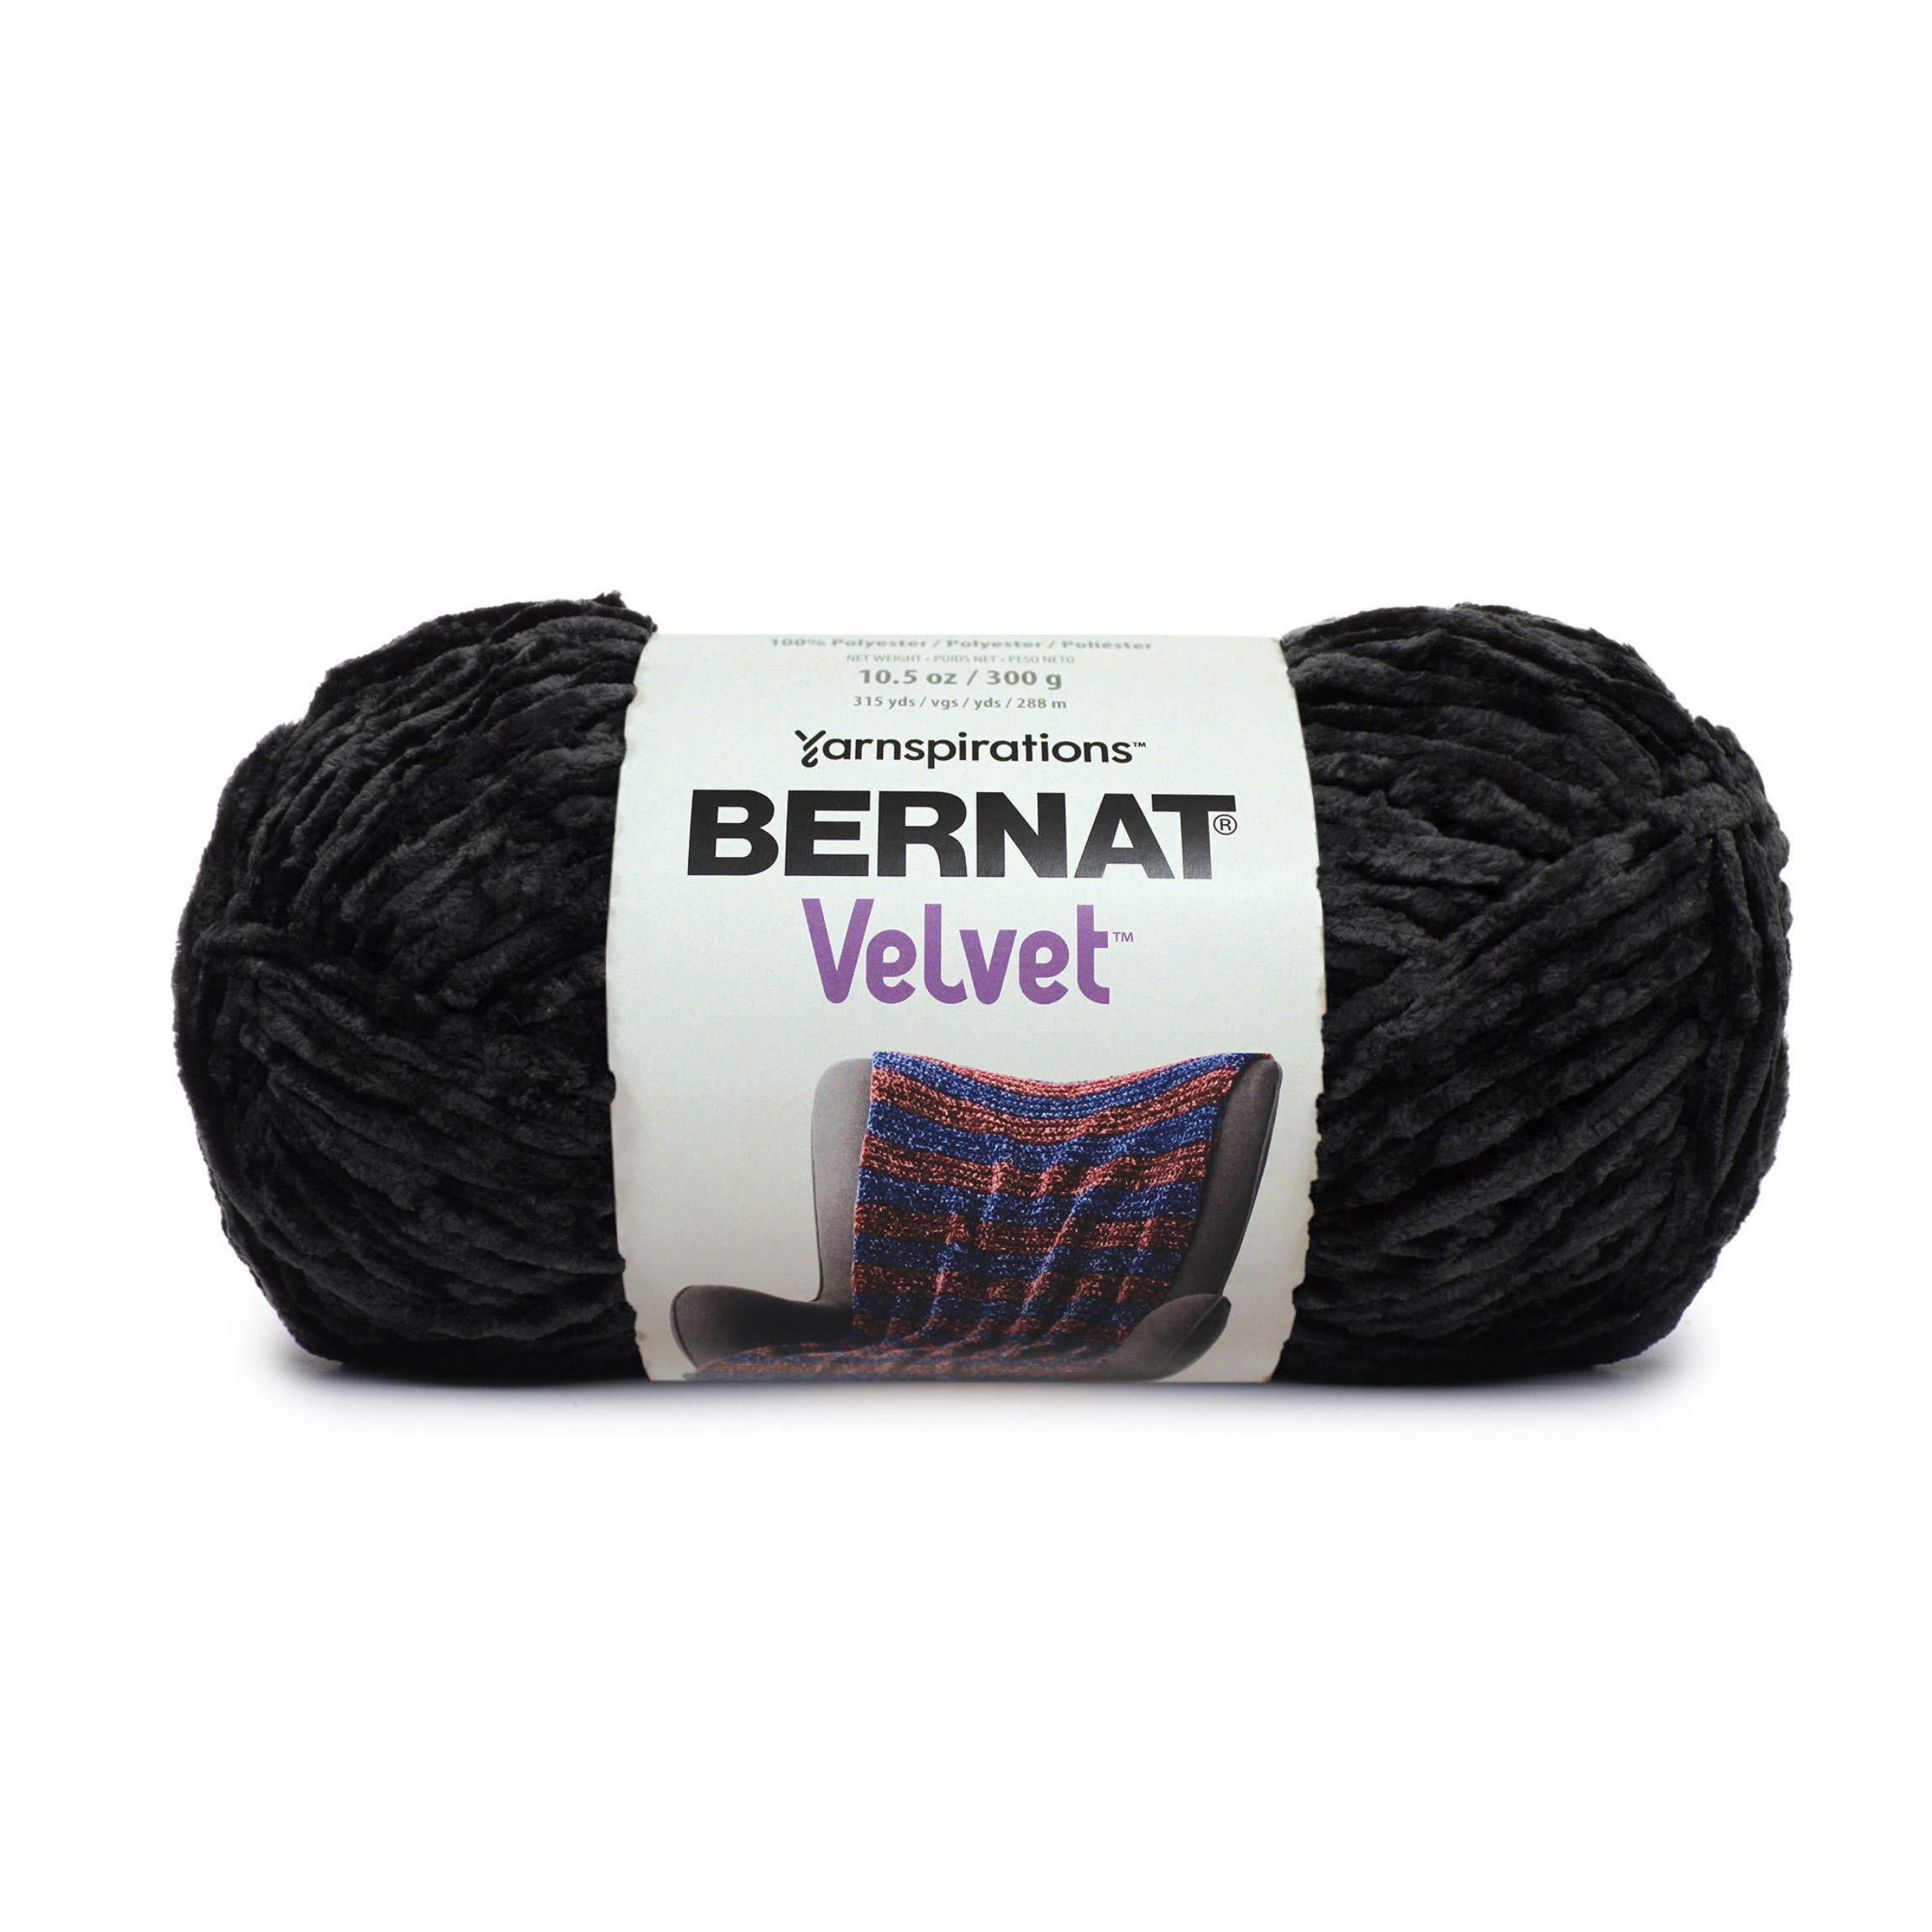 Bernat Velvet Yarn, 10.5 oz, 1 Ball, Blackbird